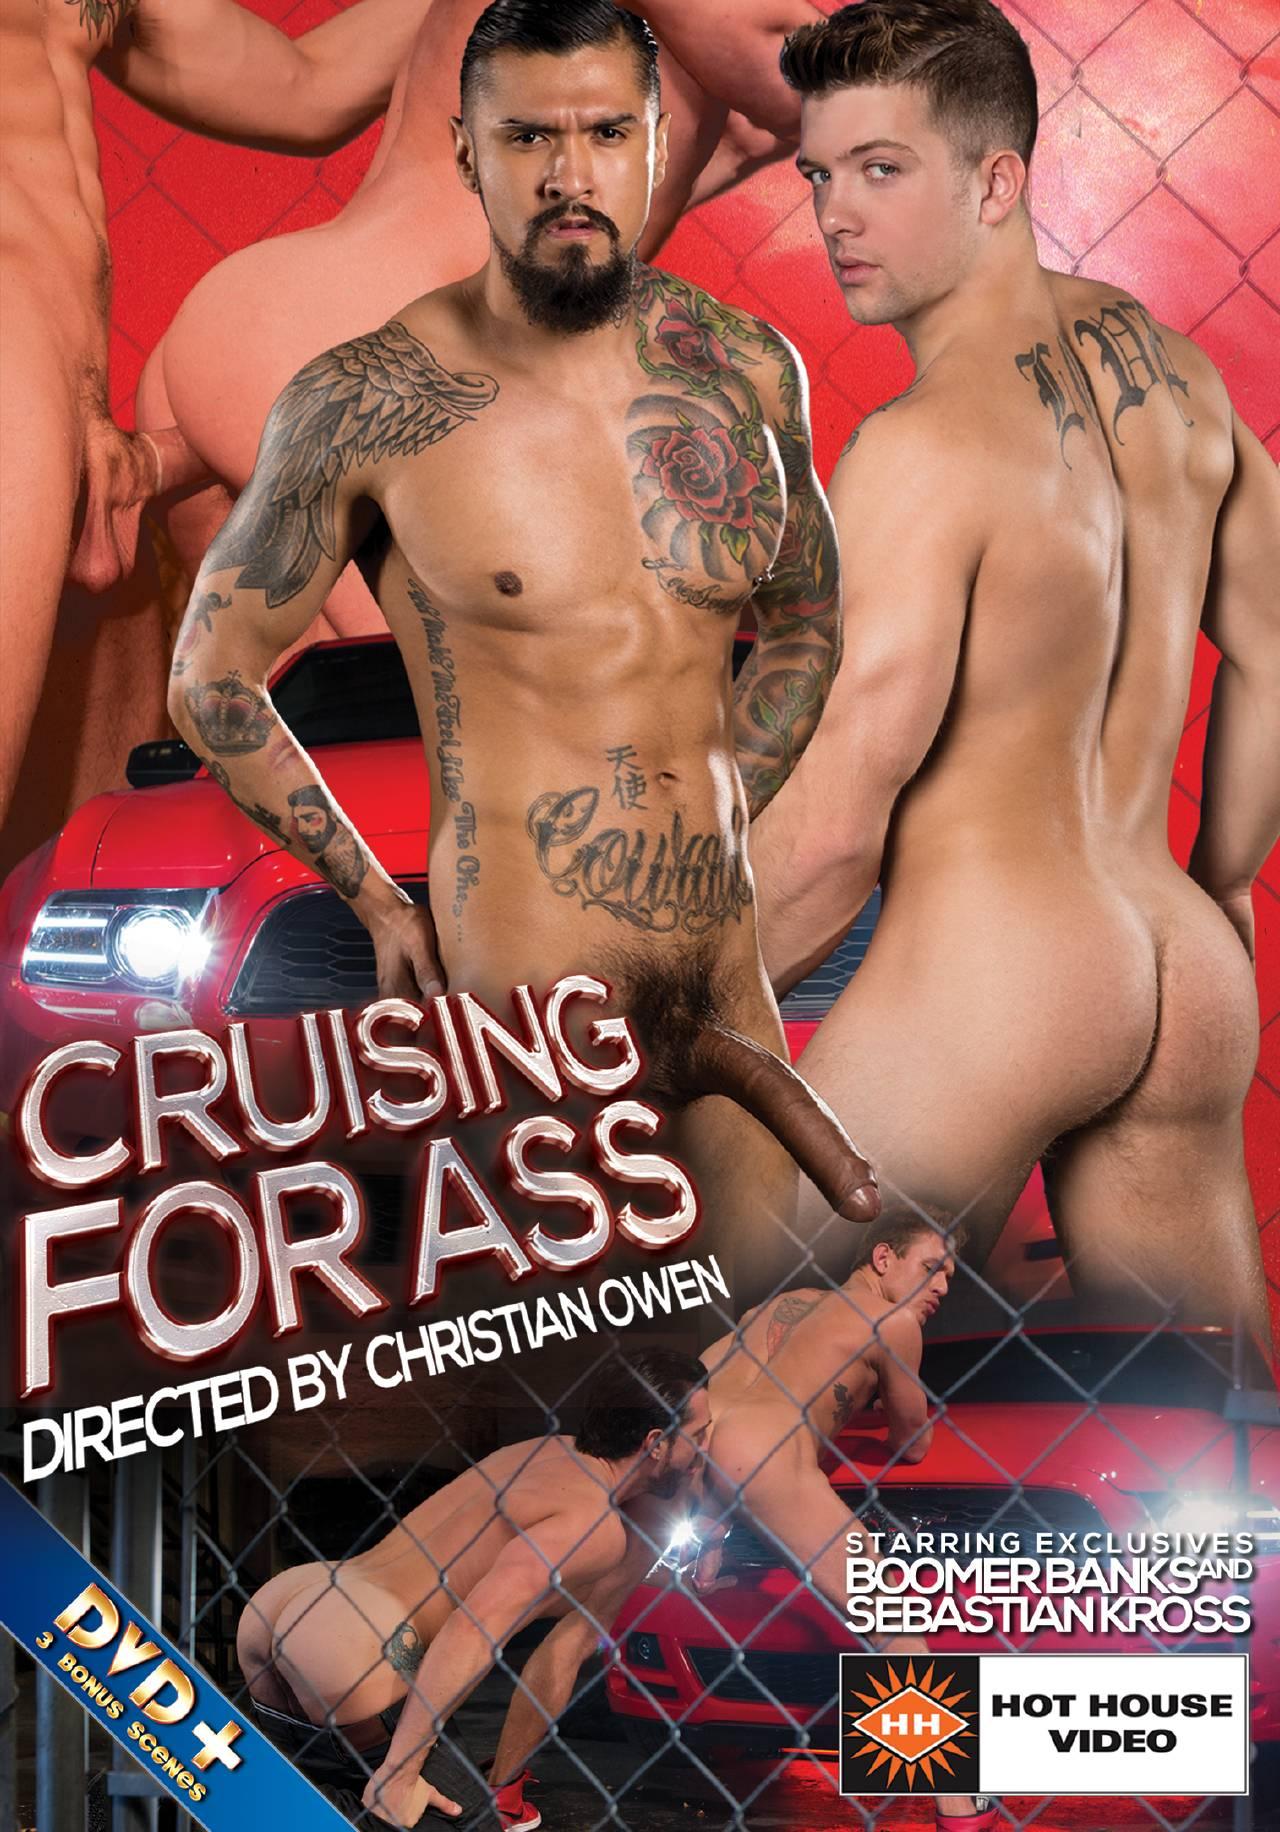 Cruising For Ass